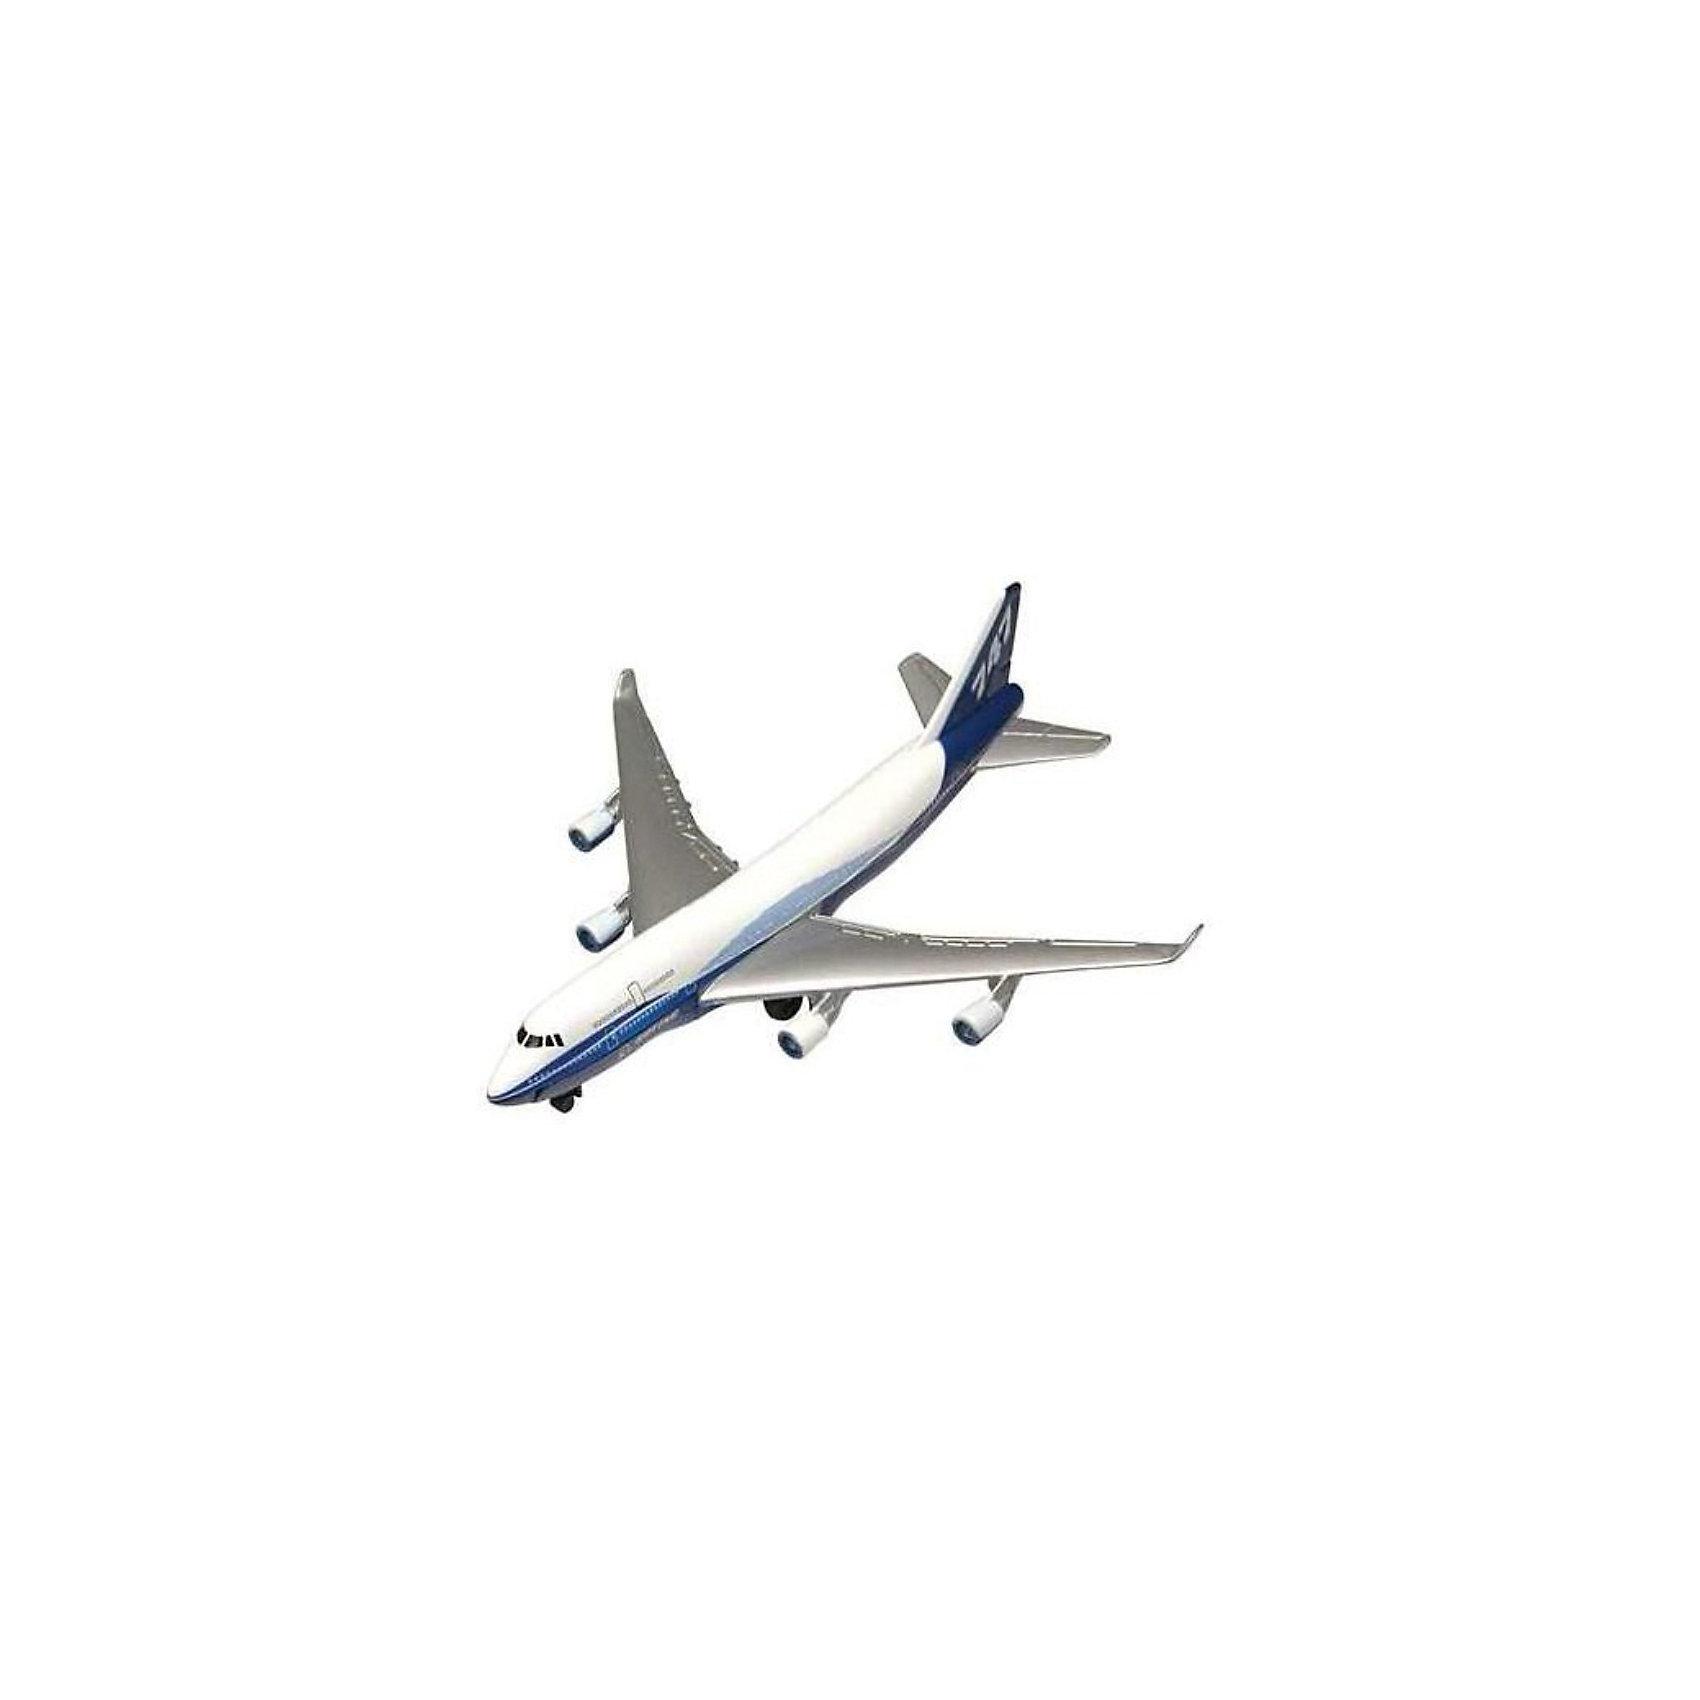 """Cамолет Boeing 747,  MotormaxСамолёты и вертолёты<br>Cамолет Boeing 747,  Motormax (Мотормакс) – это отличное пополнение коллекции авиационной техники.<br>Коллекционная игрушка самолет Boeing 747 (Боинг 747) от компании Motormax (Мотормакс) в точности повторяет контуры известного американского пассажирского авиалайнера, чем вызовет неподдельный интерес, как у ребенка, так и взрослого коллекционера. Прозванный """"Джамбо Джет"""" Boeing 747 стал первым двухпалубным широкофюзеляжным самолетом. На момент своего создания в 1969 году, Боинг 747 был самым вместительным пассажирским авиалайнером в мире. Сейчас это самый распространенный в мире самолет своего класса. Модель максимально приближена к своему прототипу. По сути это уменьшенная копия настоящего самолета, сохранившая его пропорции и узнаваемые элементы. Стоит также отметить хорошую для таких размеров детализацию. Модель самолета изготовлена из прочного и качественного пластика, поэтому может использоваться и для обычной игры.<br><br>Дополнительная информация:<br><br>- Длина самолета: 9 см.<br>- Материал: пластик<br><br>Cамолет Boeing 747,  Motormax (Мотормакс) можно купить в нашем интернет-магазине.<br><br>Ширина мм: 127<br>Глубина мм: 30<br>Высота мм: 178<br>Вес г: 80<br>Возраст от месяцев: 36<br>Возраст до месяцев: 168<br>Пол: Мужской<br>Возраст: Детский<br>SKU: 3838999"""